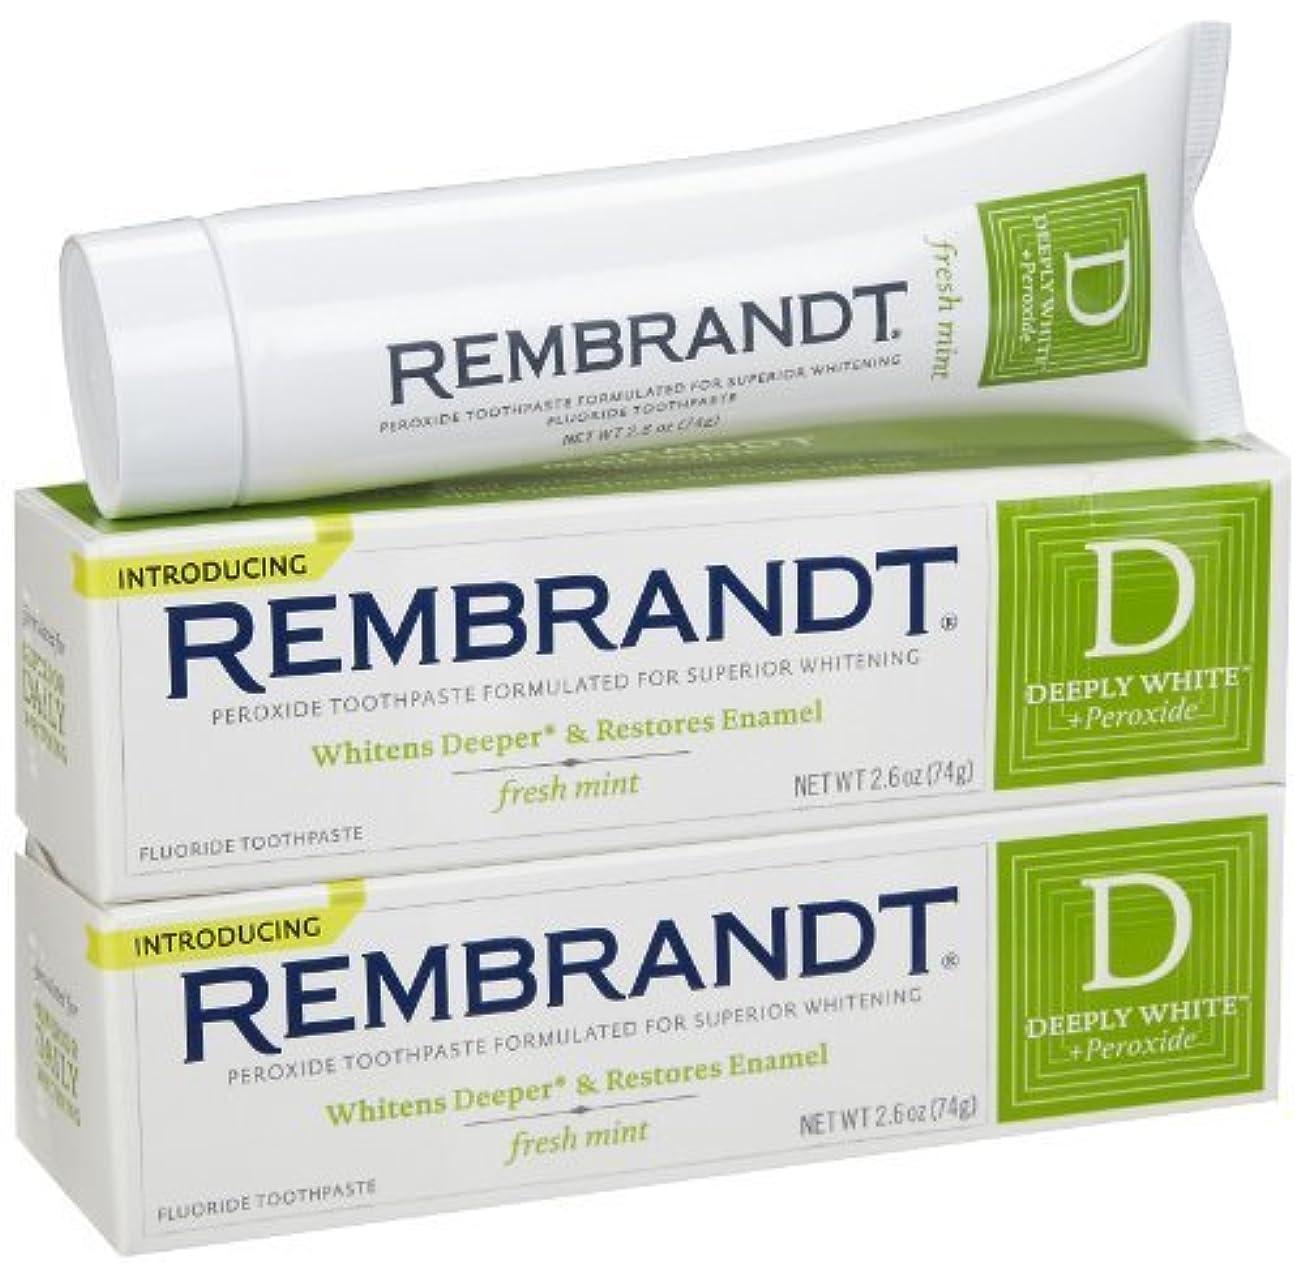 君主制チーム通知Rembrandt Fluoride Toothpaste, Mint - 2.6 oz - 2 pk [並行輸入品]